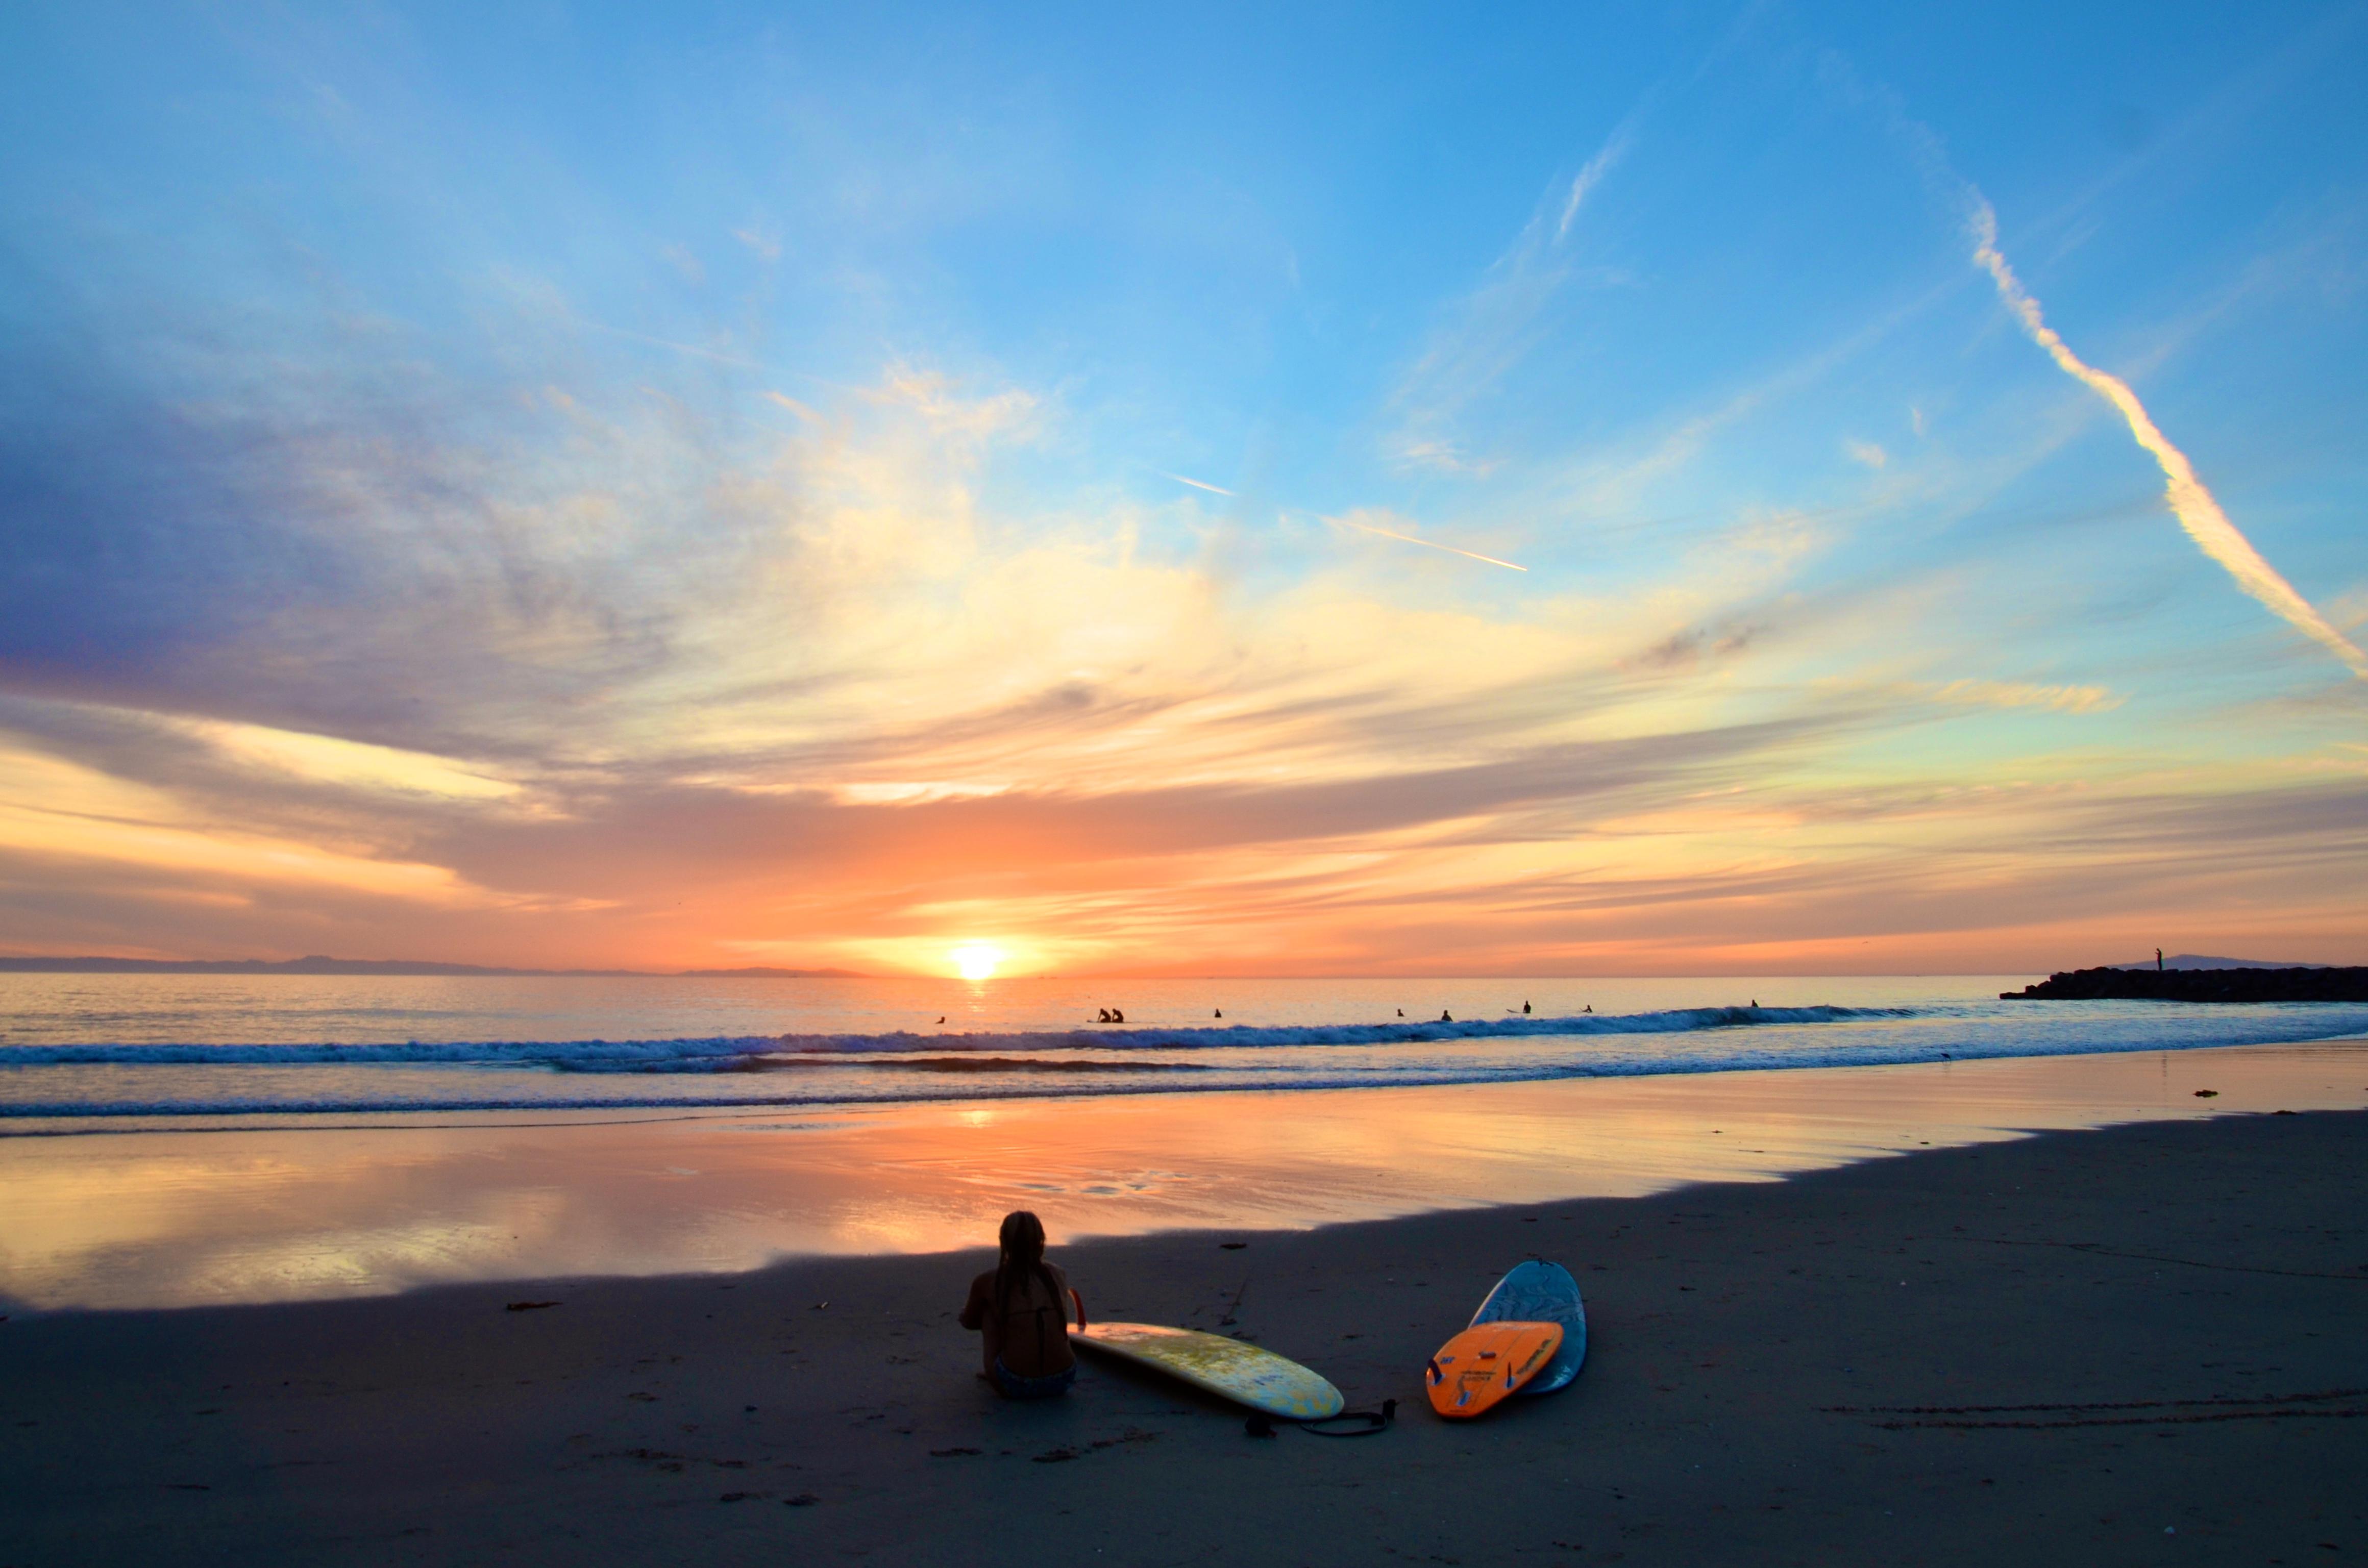 Cali Vibes + Ocean Tides